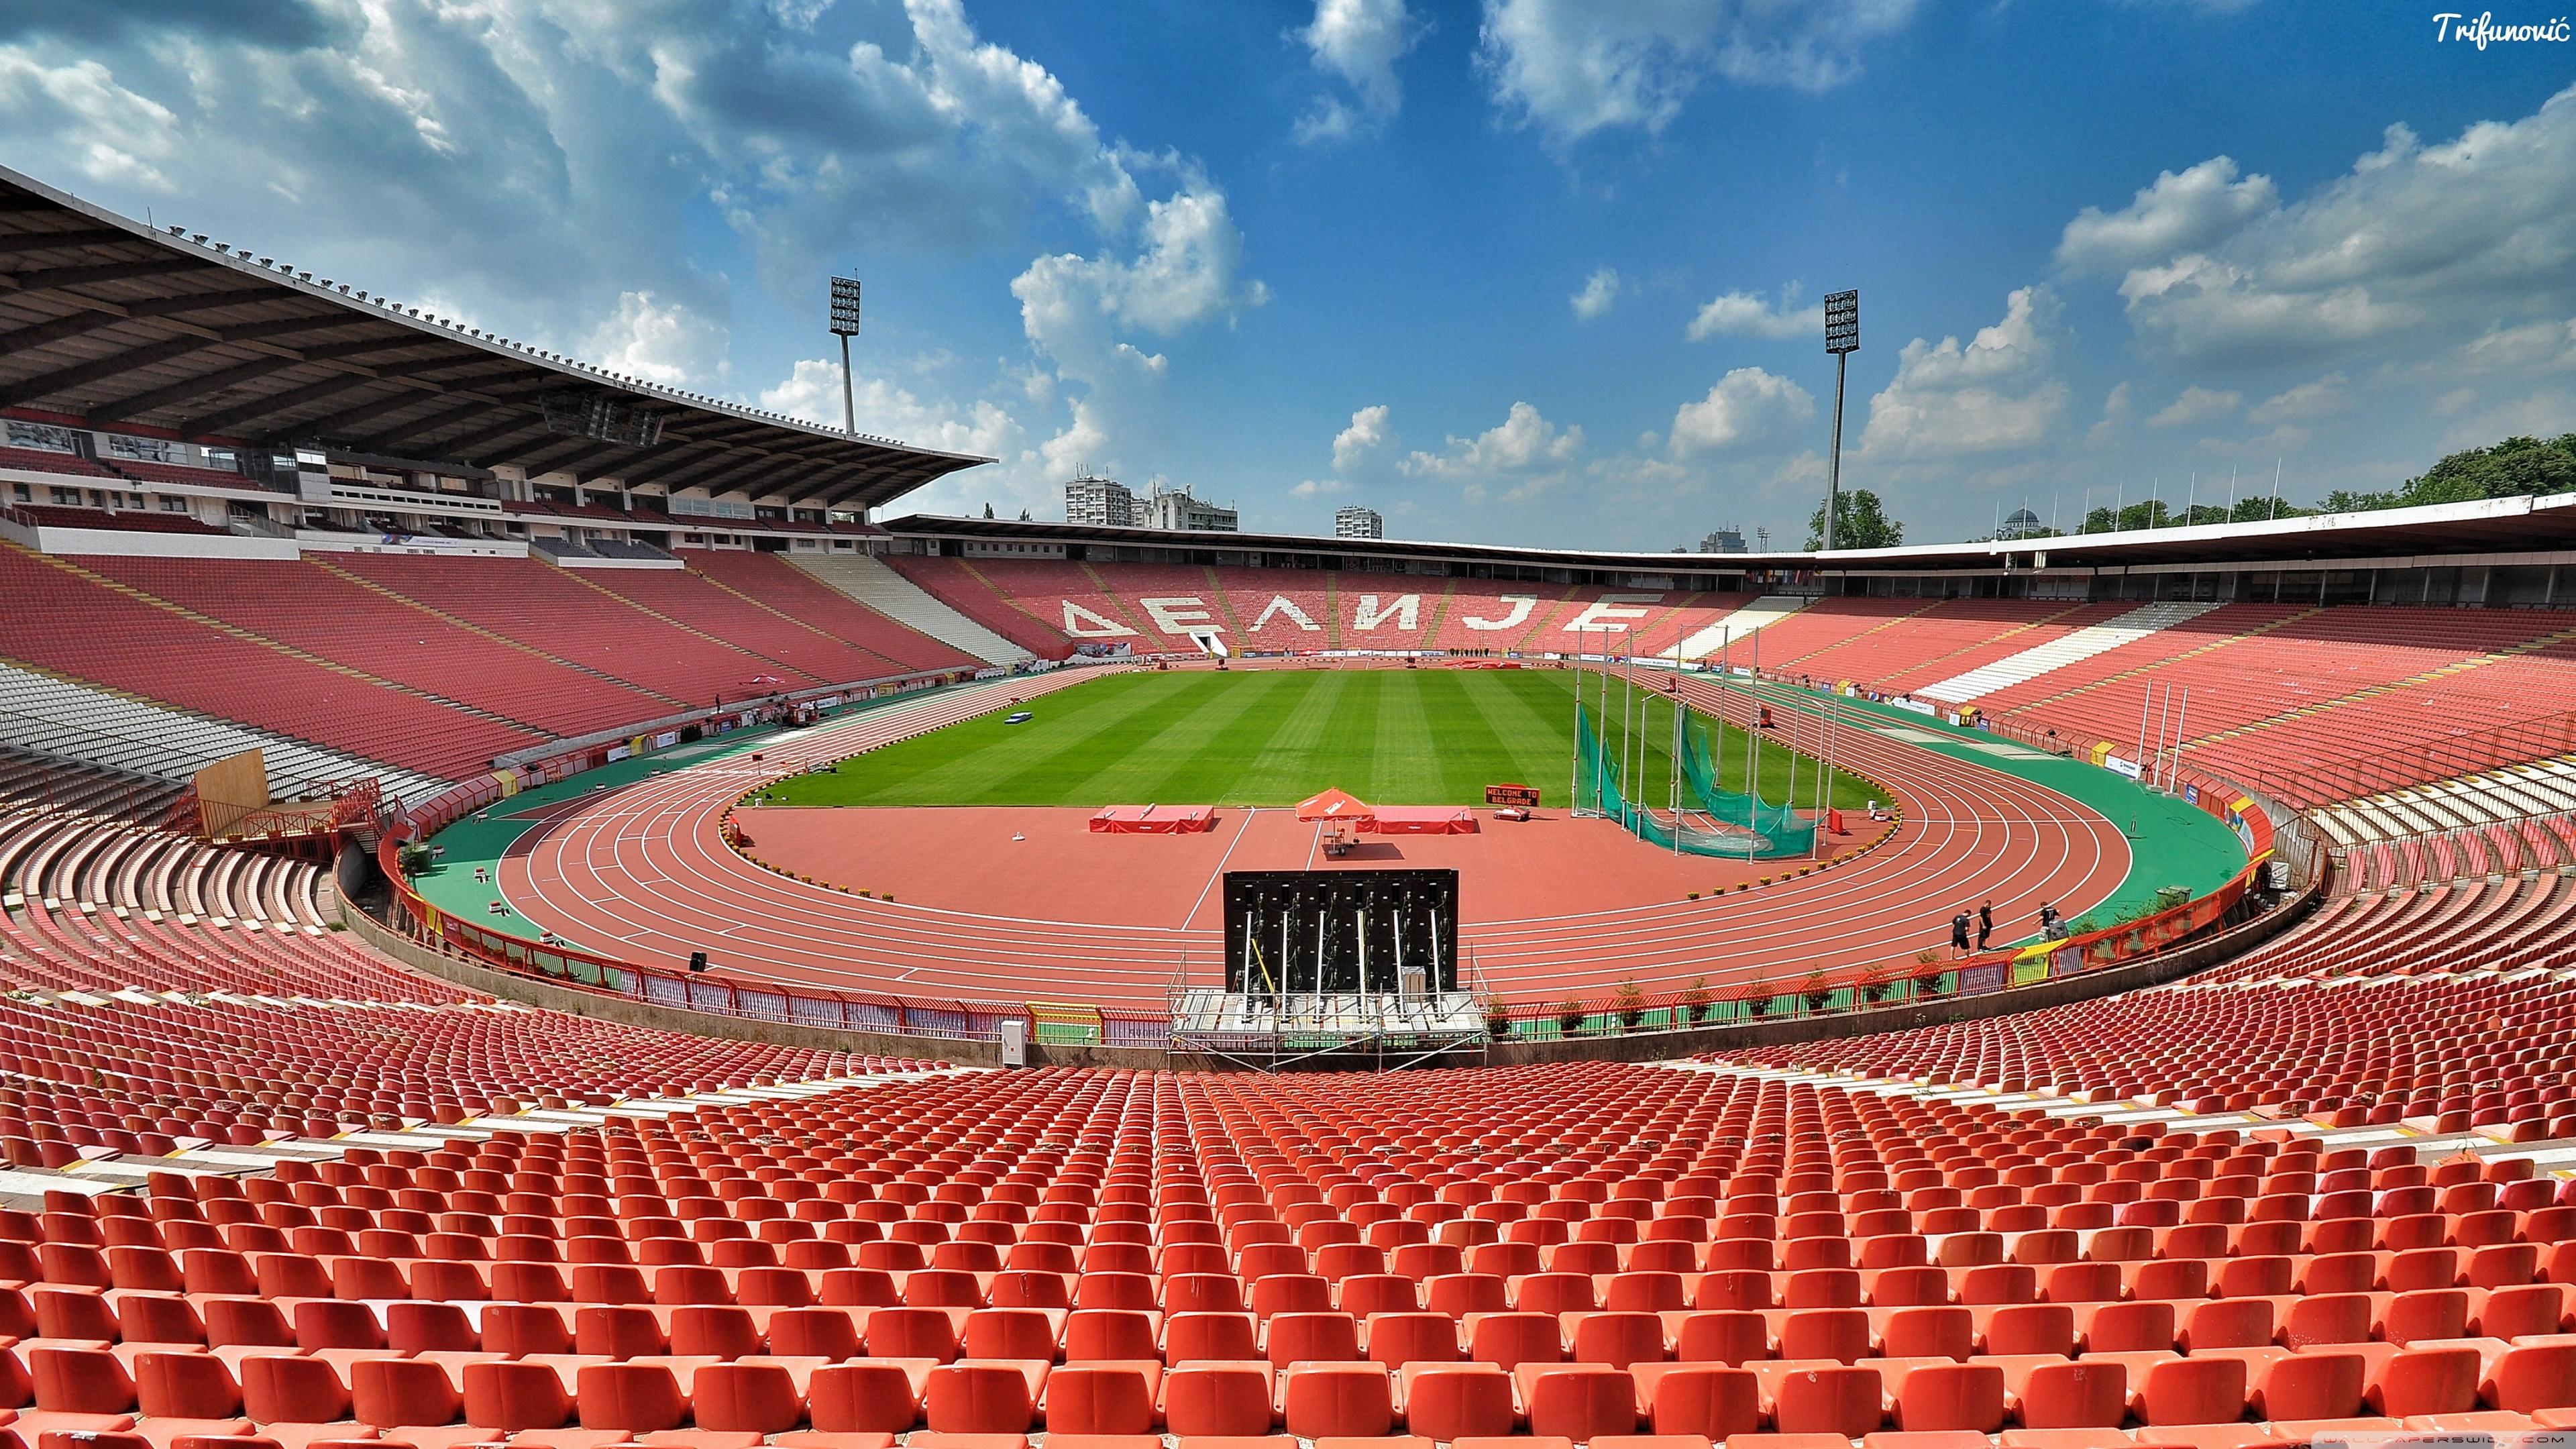 Фанаты белградского футбольного клуба црвена звезда устроили беспорядки на стадионе в одессе